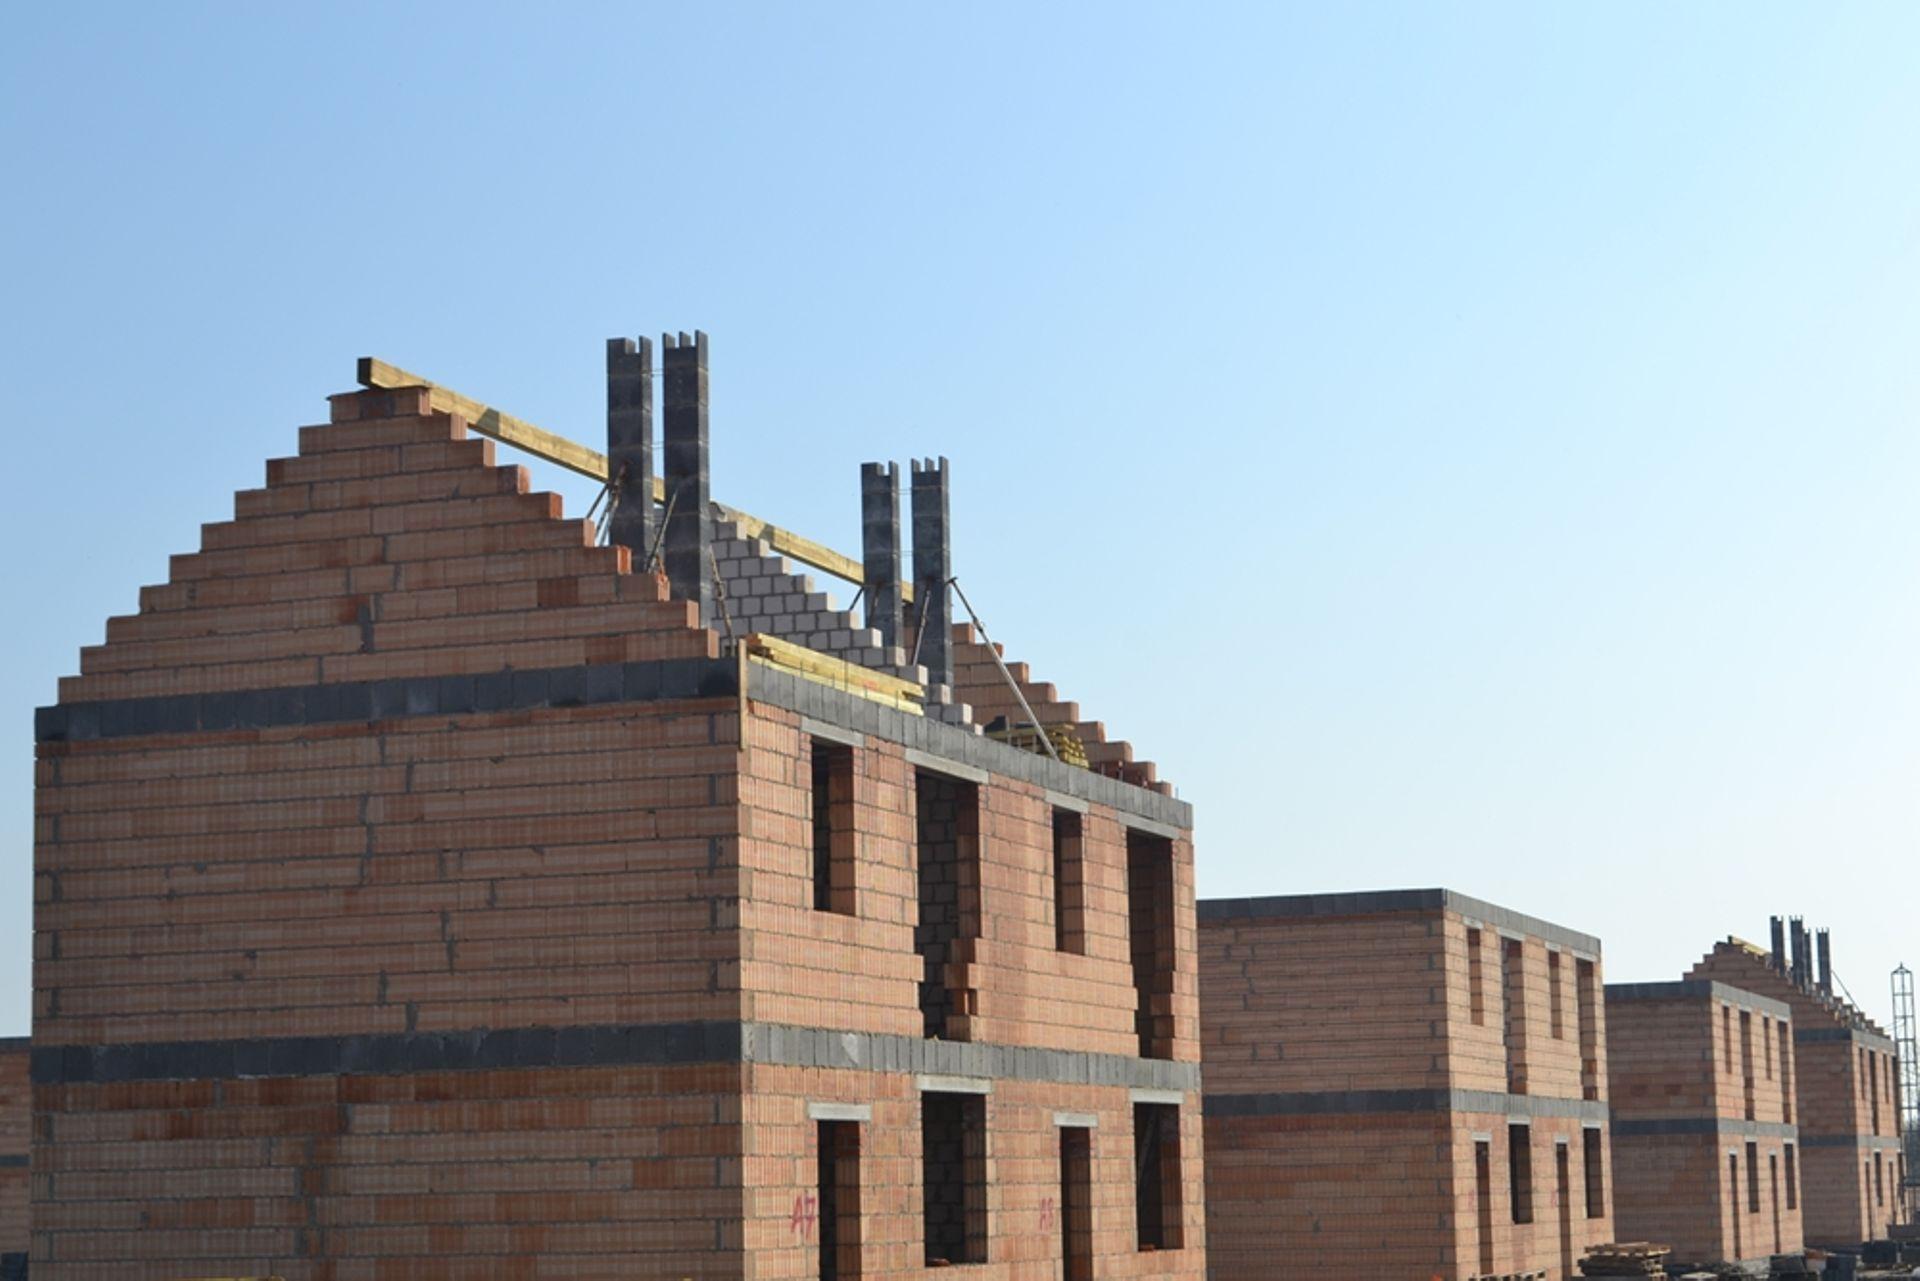 [wielkopolskie] Trwa montaż więźby dachowej w domach w Zielonych Rabowicach